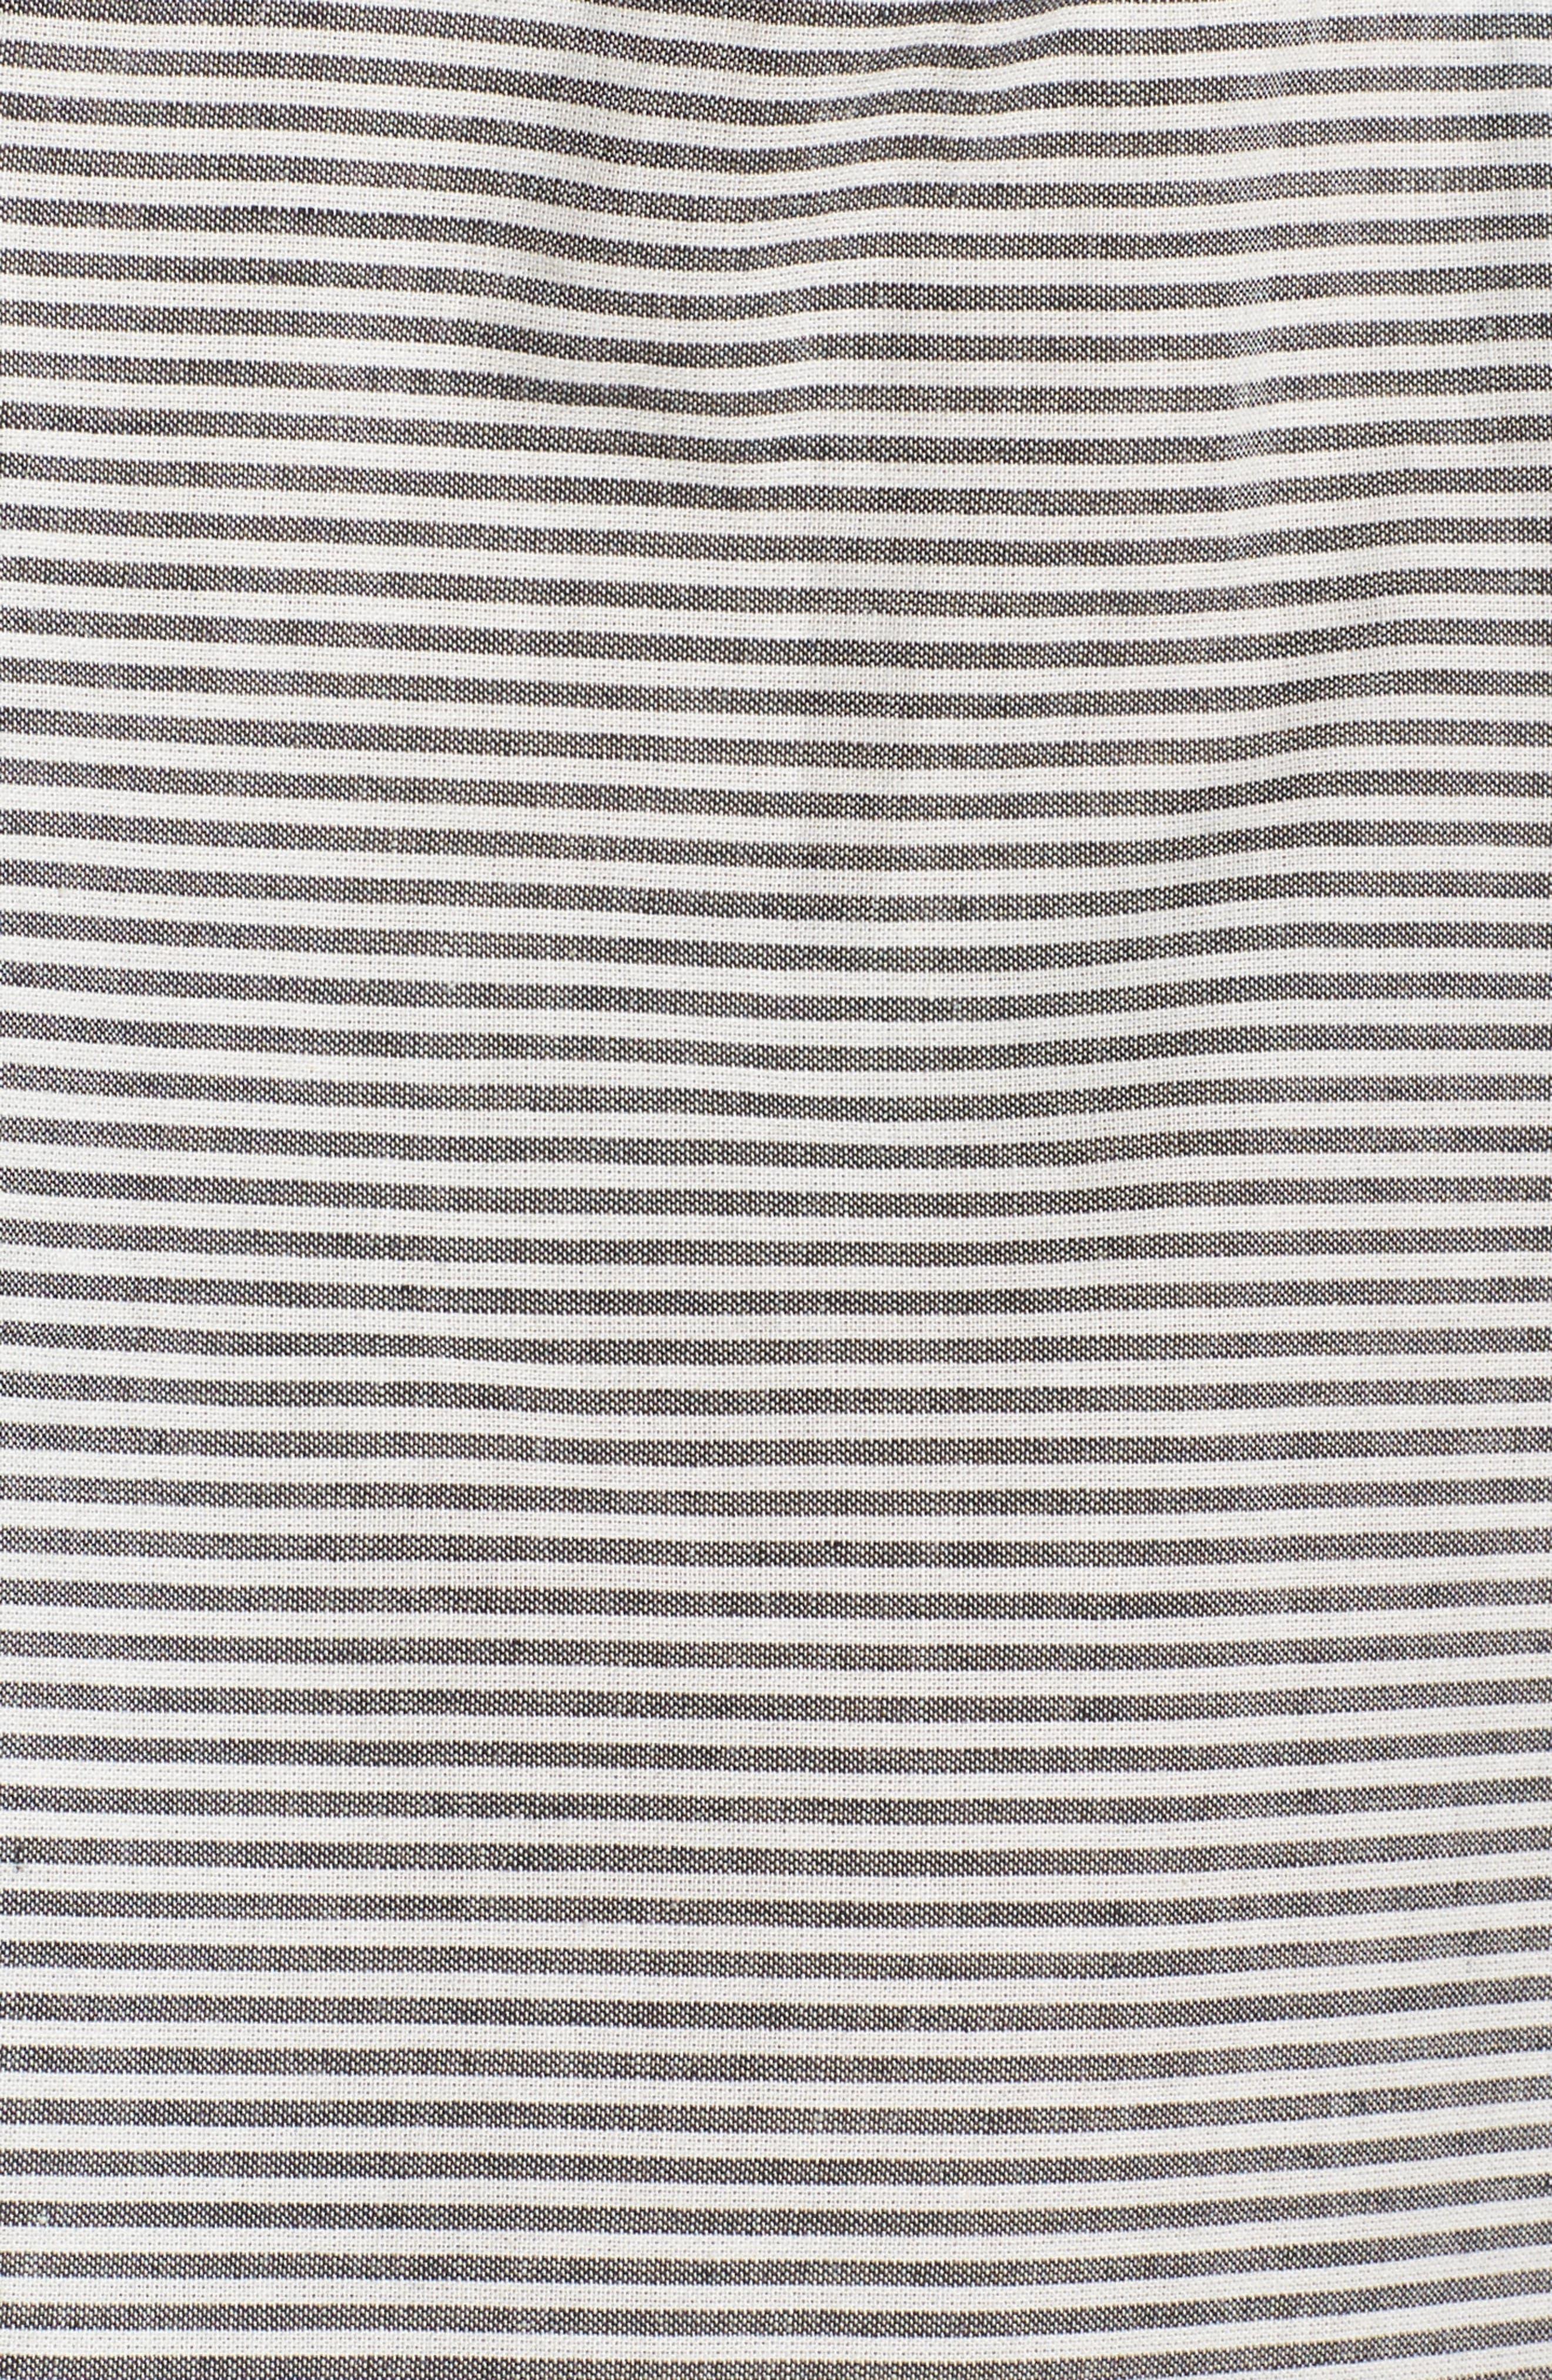 Clea Cold Shoulder Dress,                             Alternate thumbnail 5, color,                             Black/ White